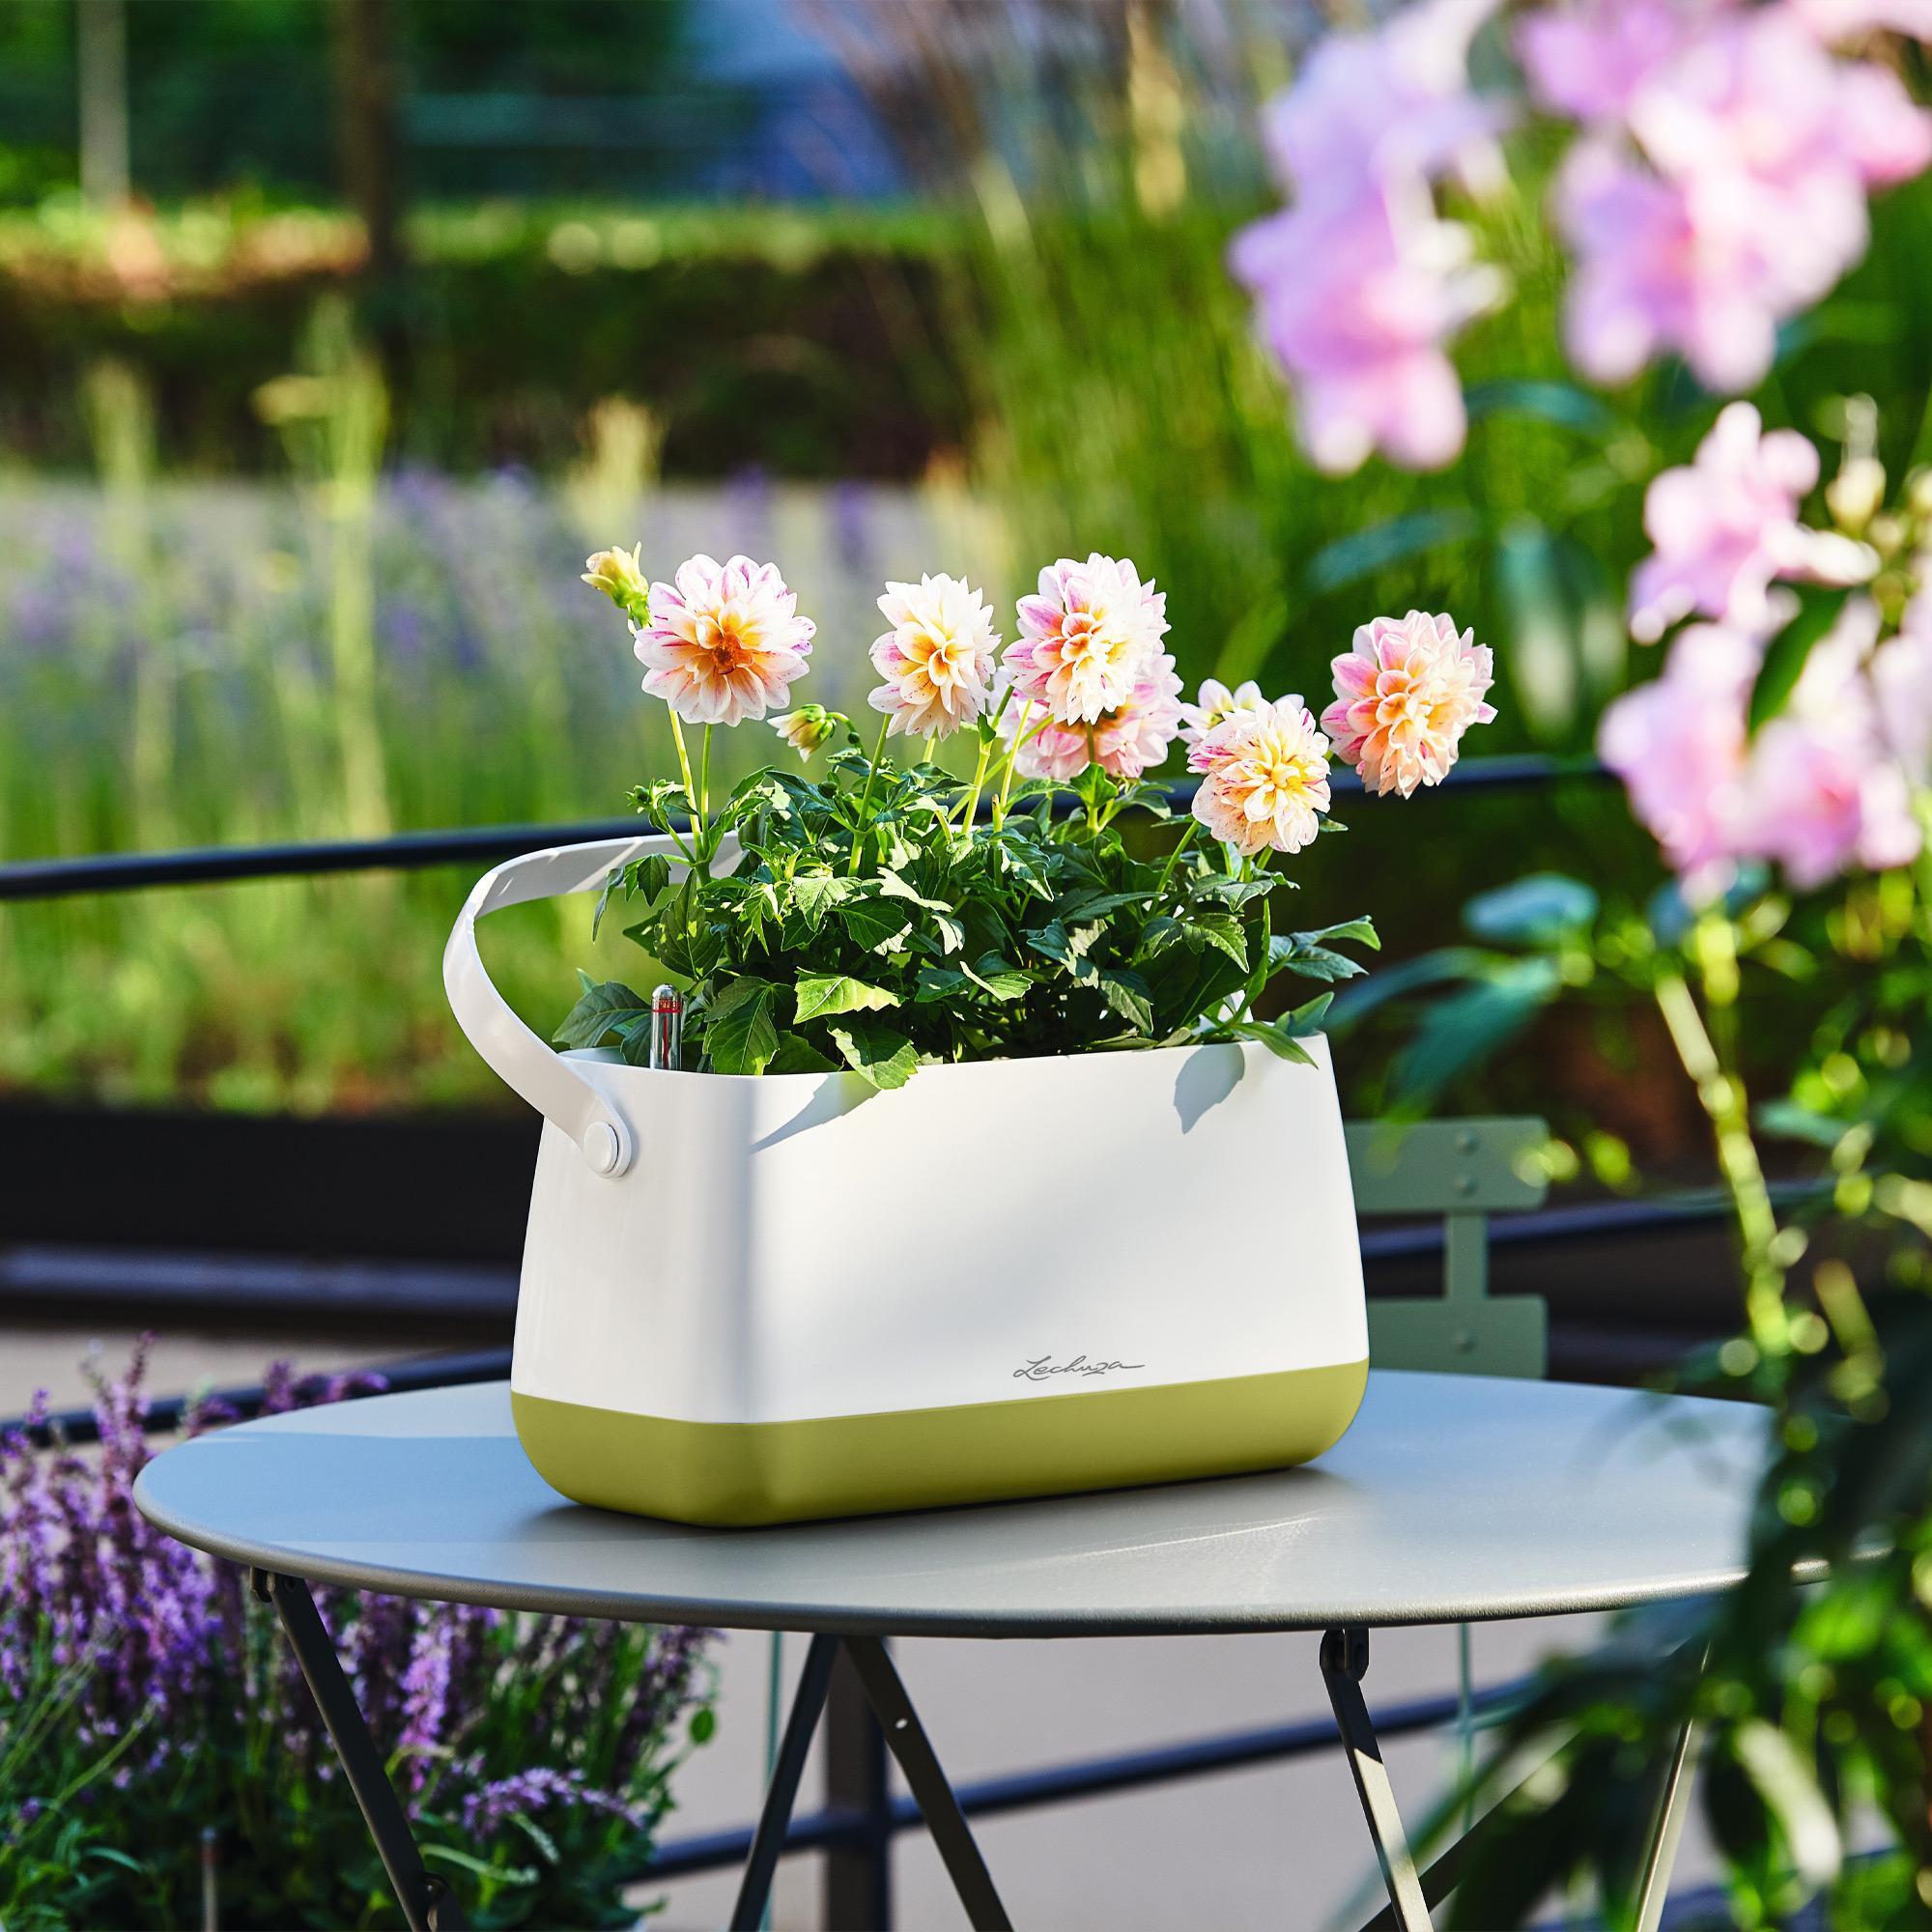 Корзинка для растений YULA белый/фисташковый - изображение 8